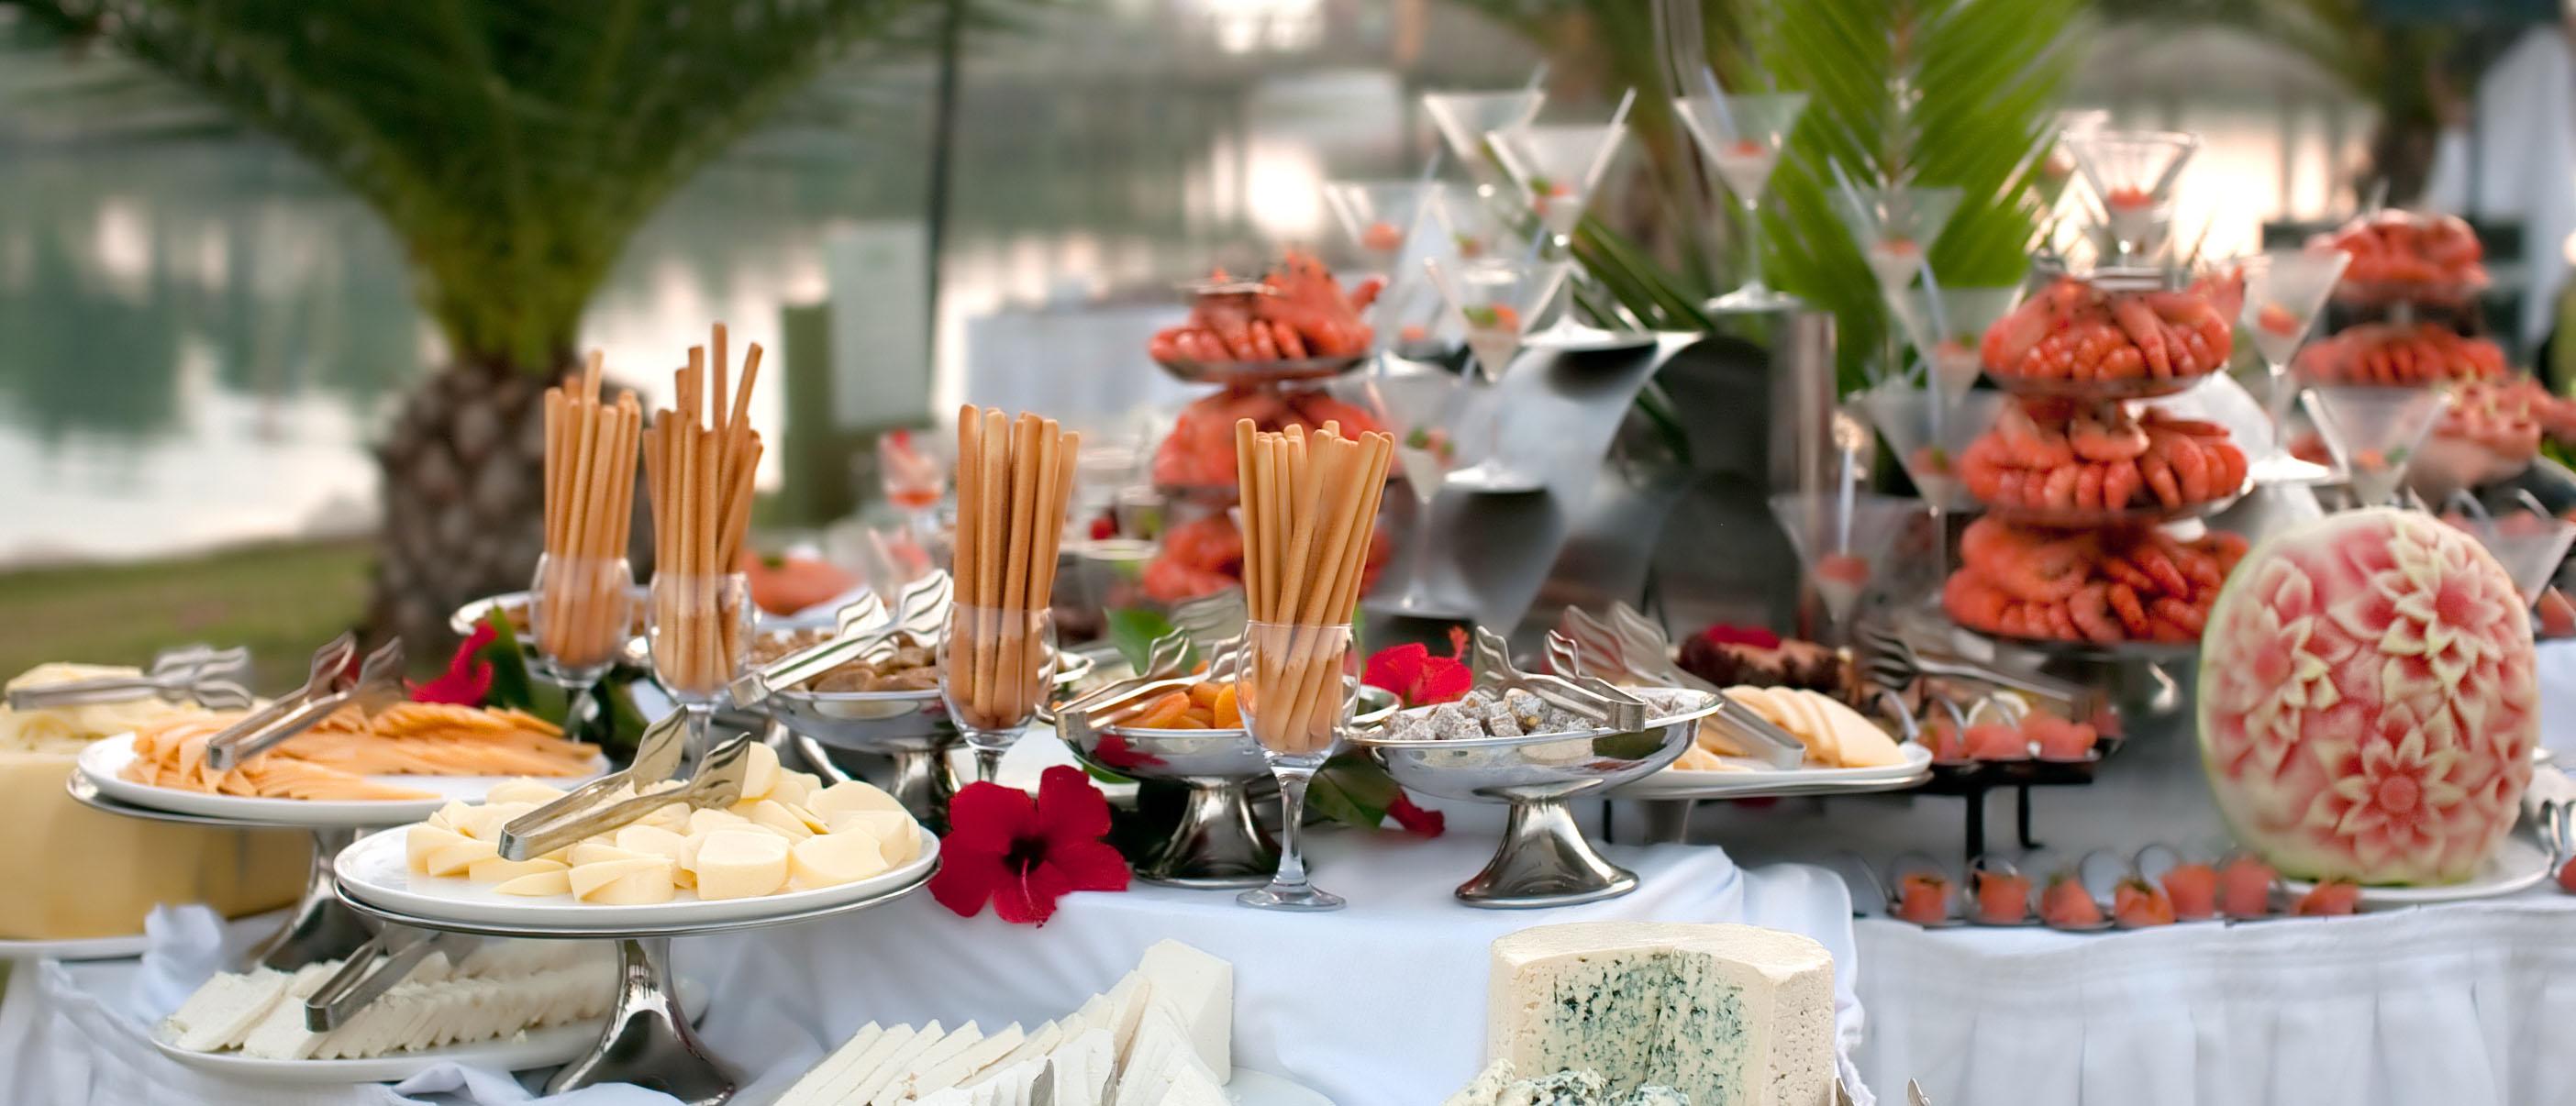 Food wedding